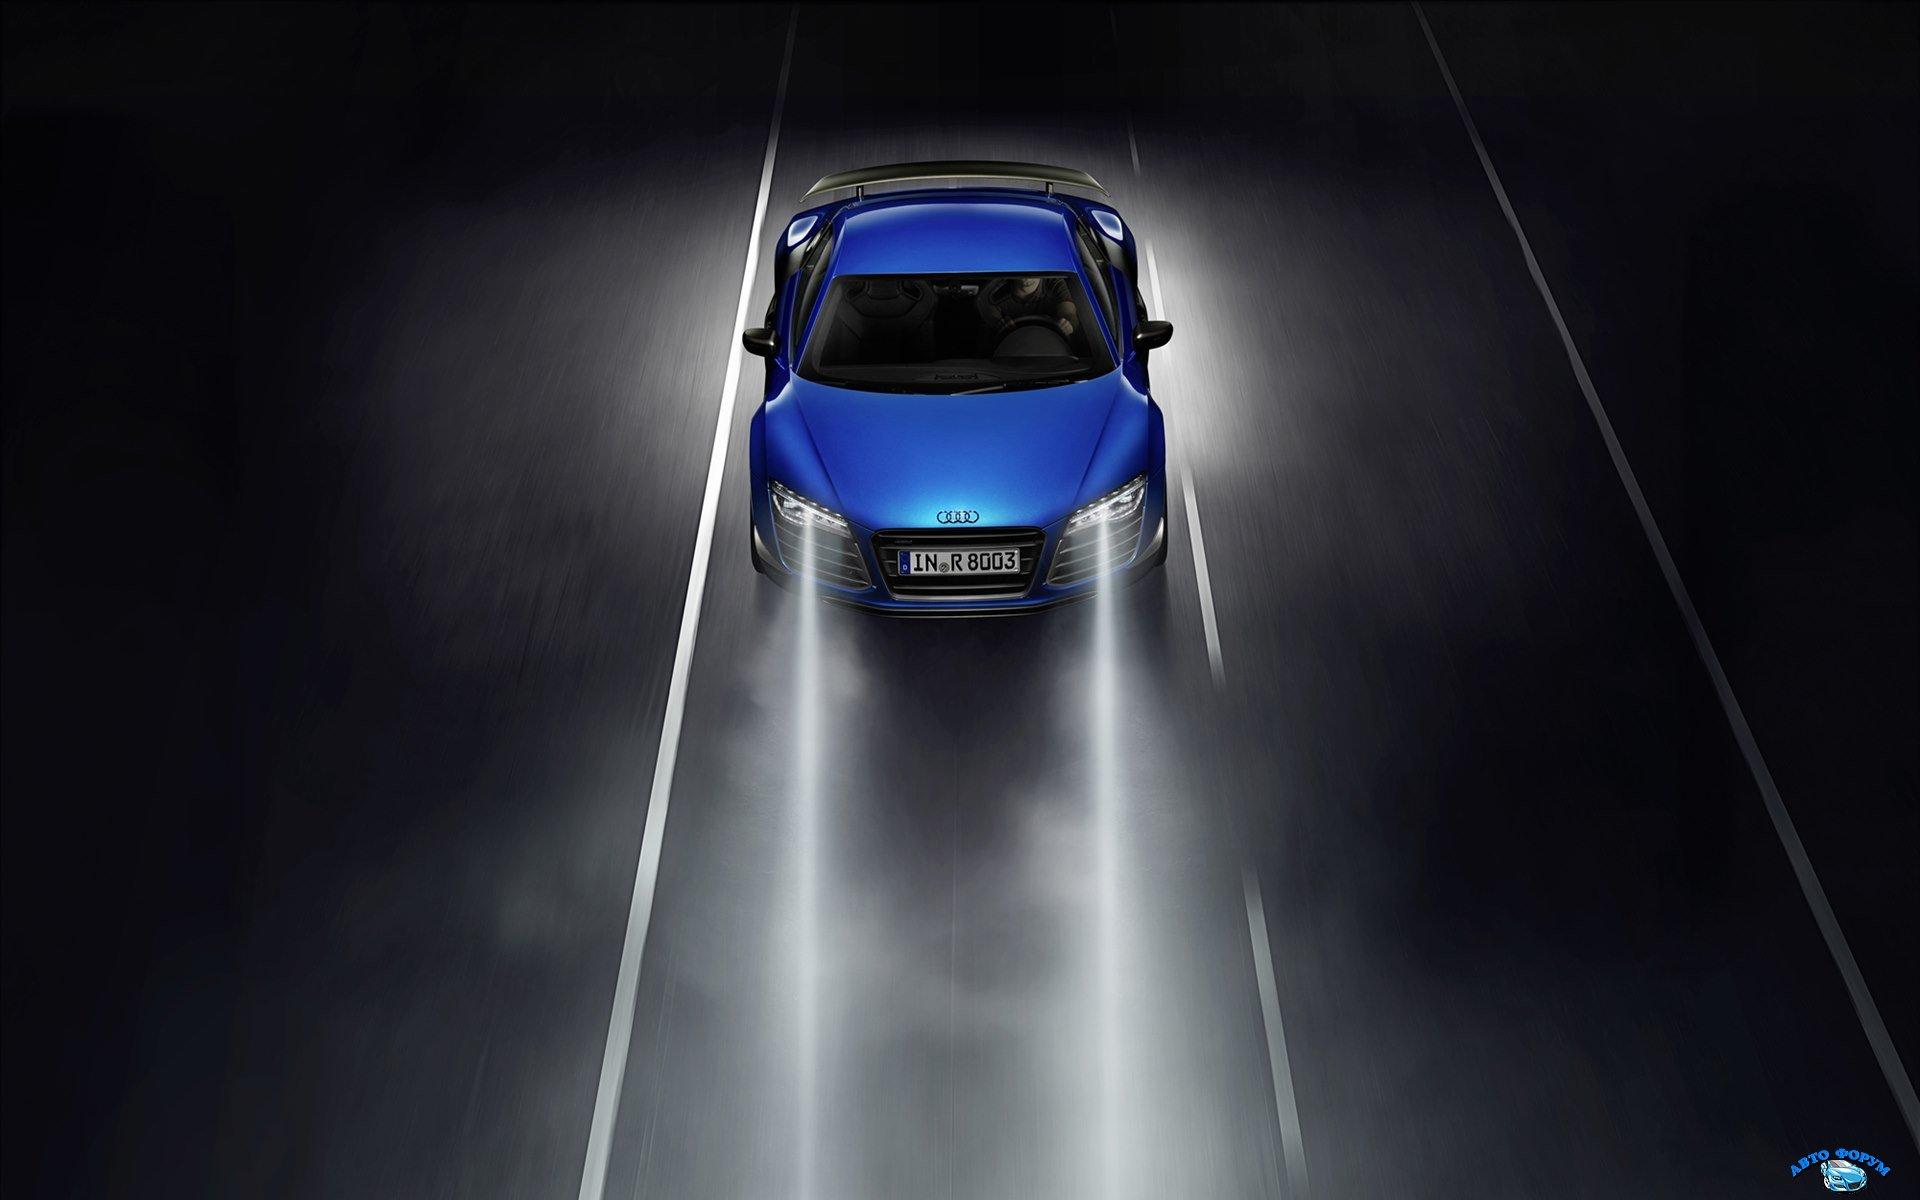 Audi-R8-LMX-2015-widescreen-06.jpg